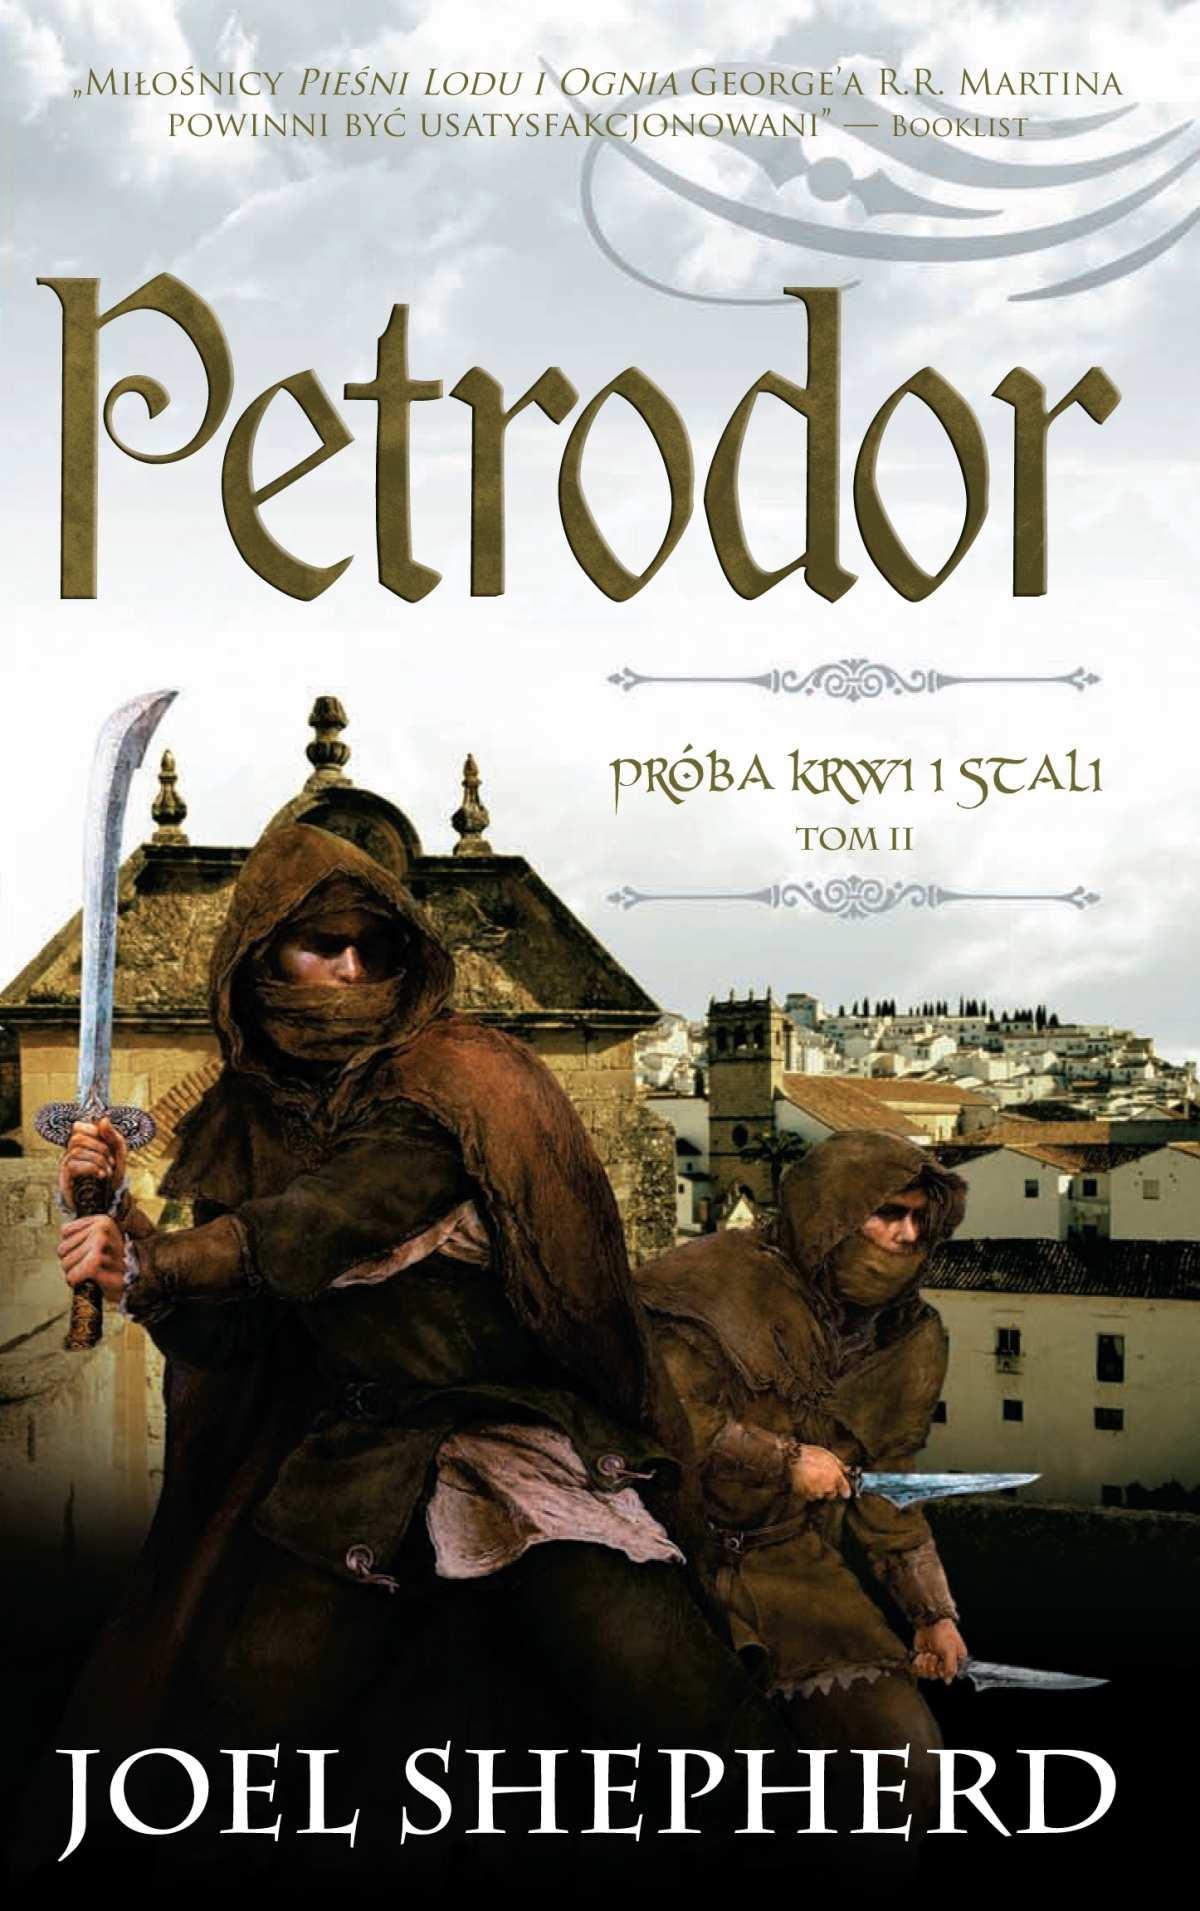 Próba krwi i stali. Petrodor - Ebook (Książka EPUB) do pobrania w formacie EPUB